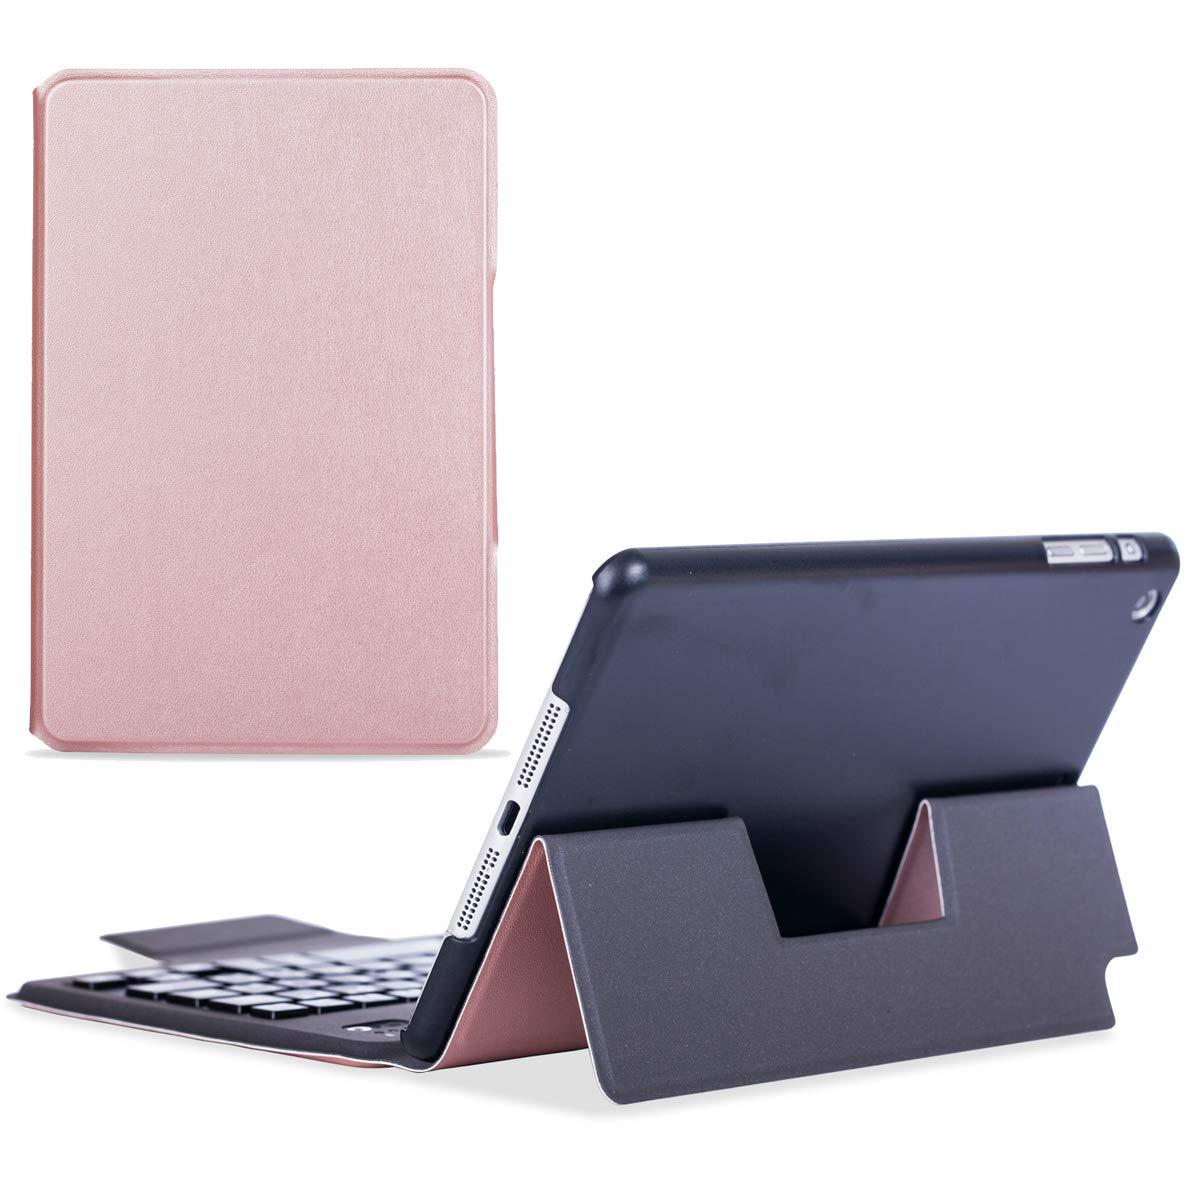 Dpowro iPad Mini 10YY-4G-615 1 2 2 3 ケース - 表面バックシェルバックシェル iPad [スリムフィット] 高耐久保護バックシェルカバー 表面ケース iPad Mini 1 2 3 - ローズゴールド, 10YY-4G-615 ローズゴールド B07JKTG3LK, 杷木町:3a66eedb --- m2cweb.com